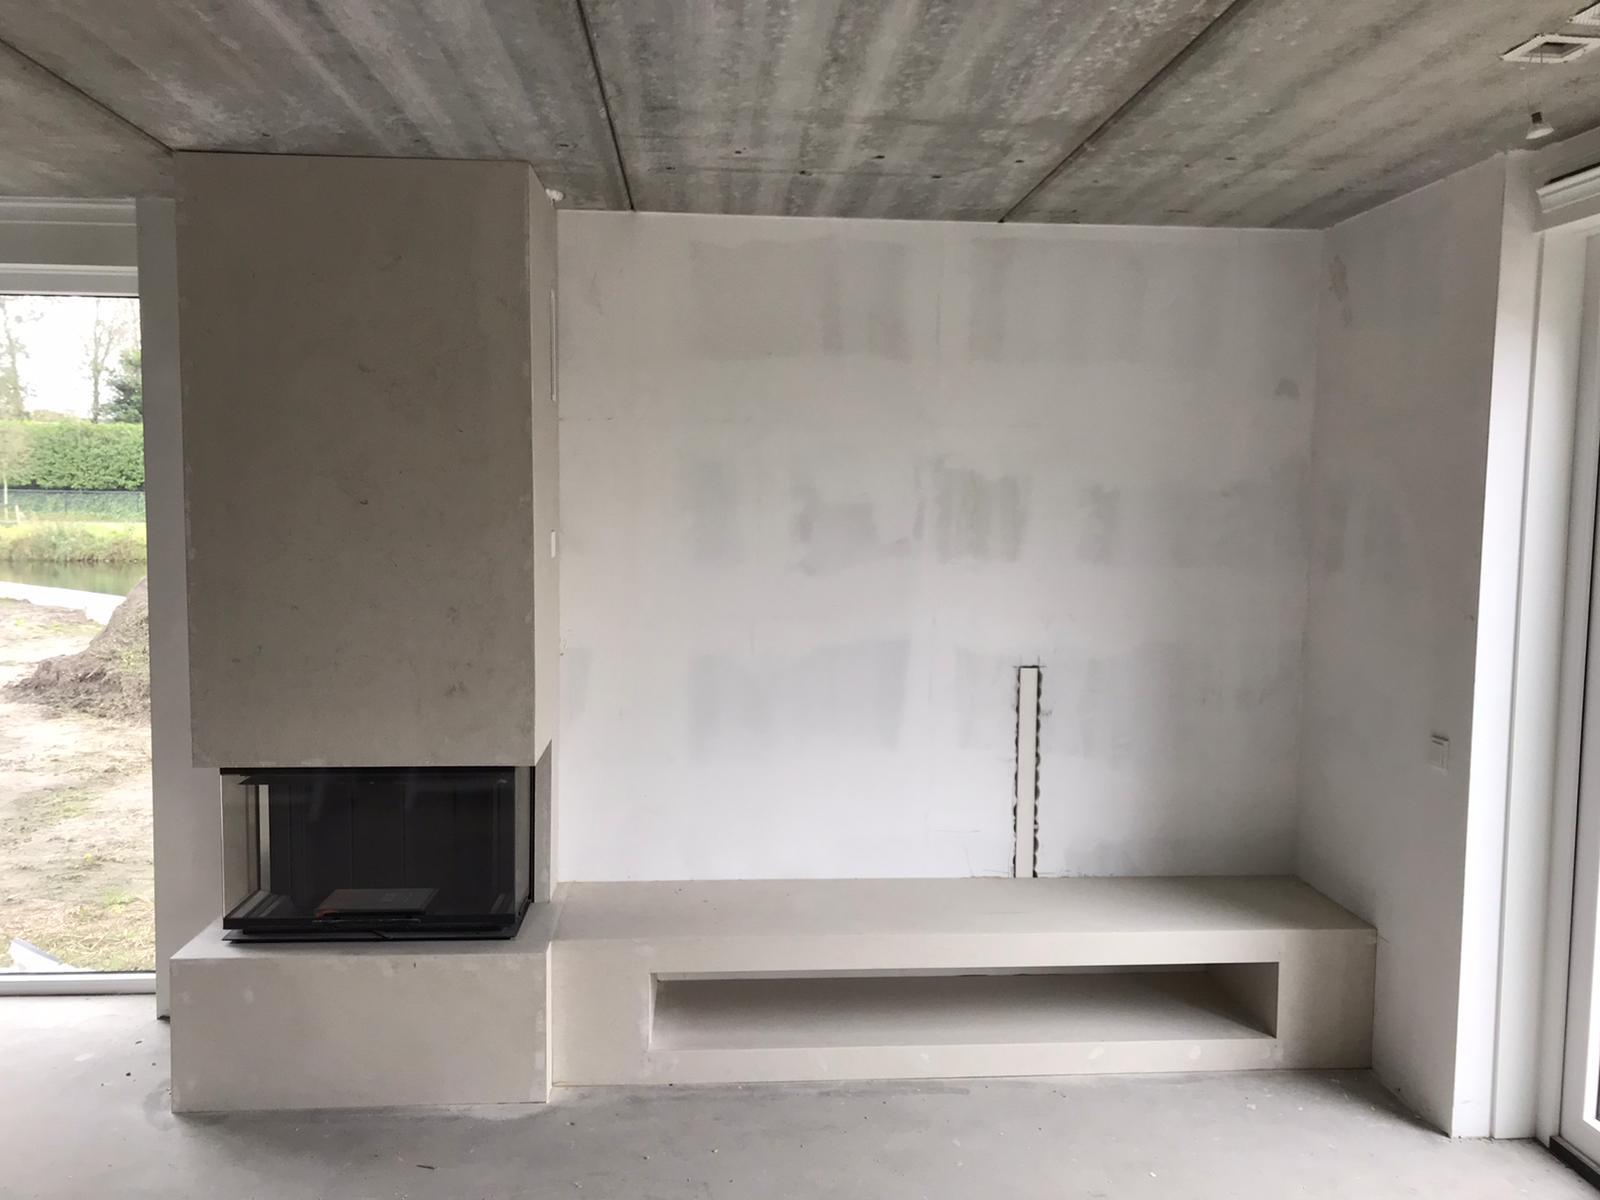 Schmid liftdeurhaard met op maat gemaakt meubel